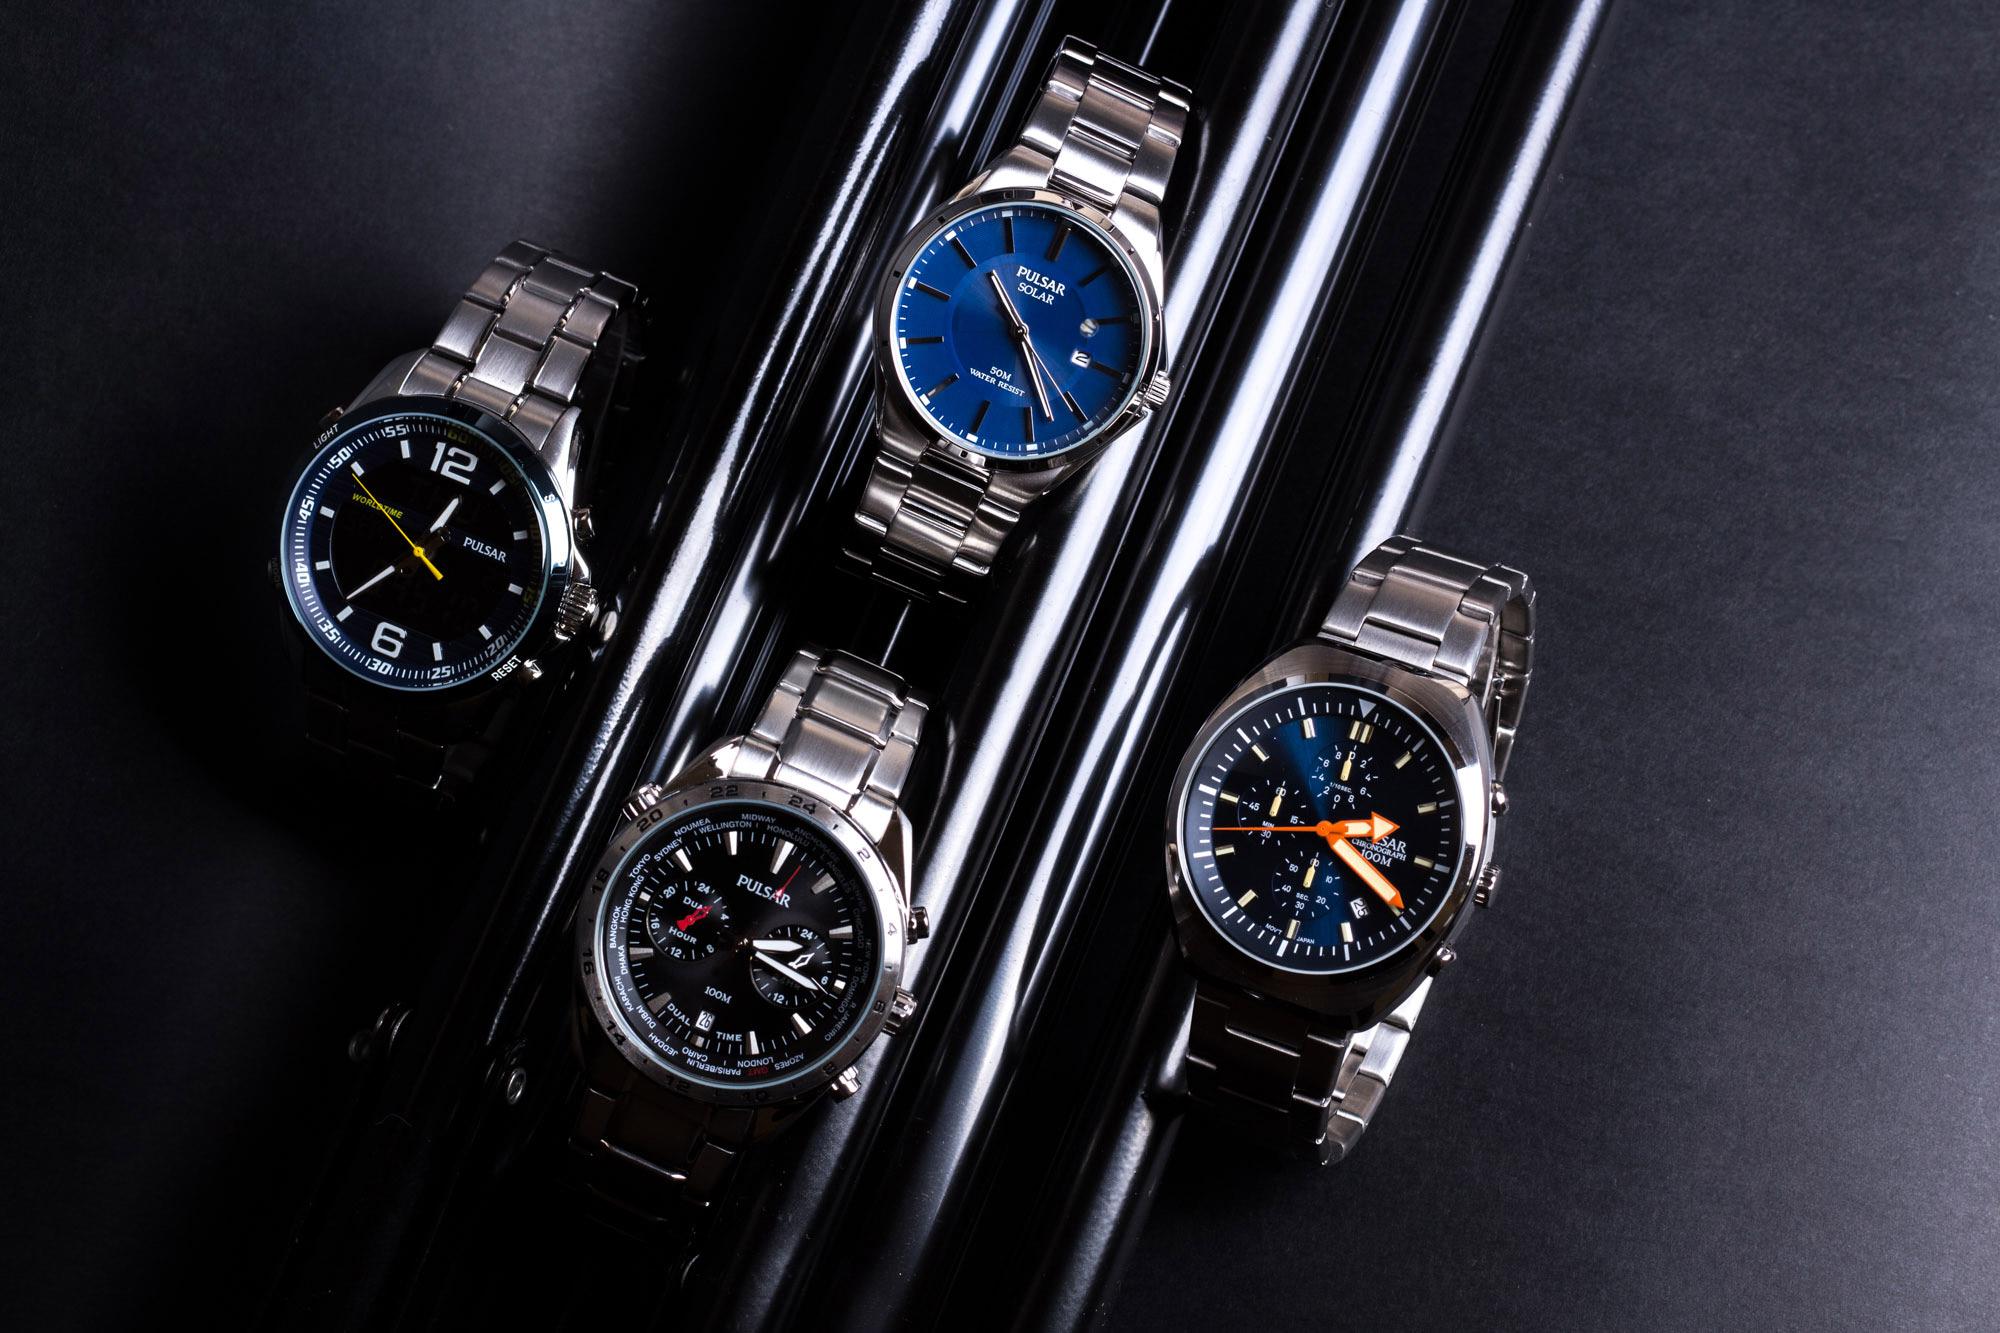 zegarki Pulsar zdjęcie zbiorowe